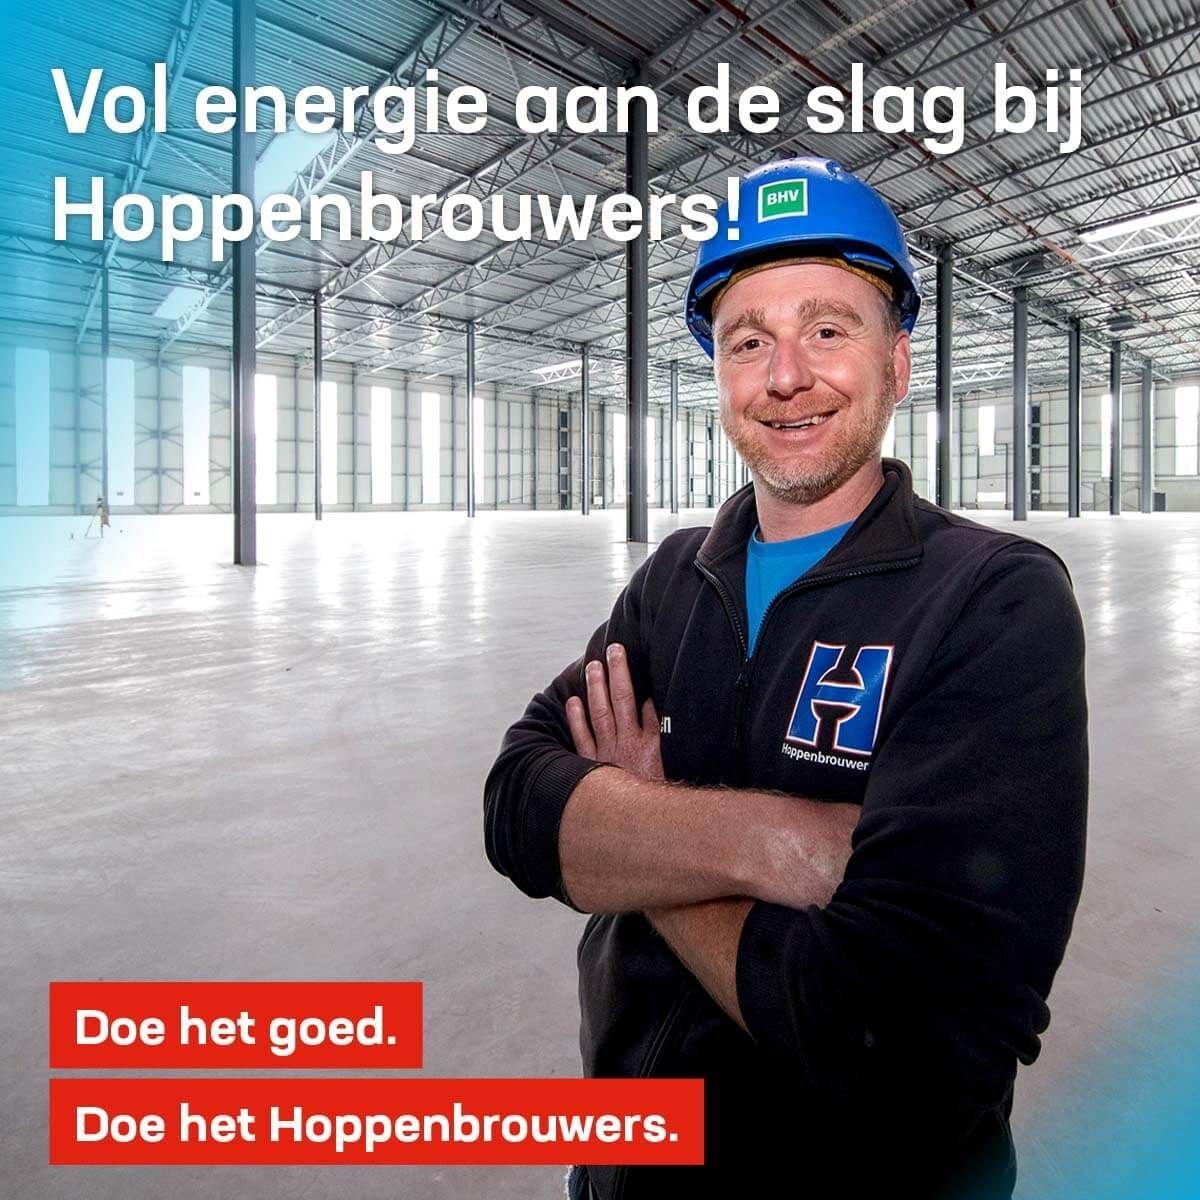 Vol energie aan de slag bij Hoppenbrouwers!